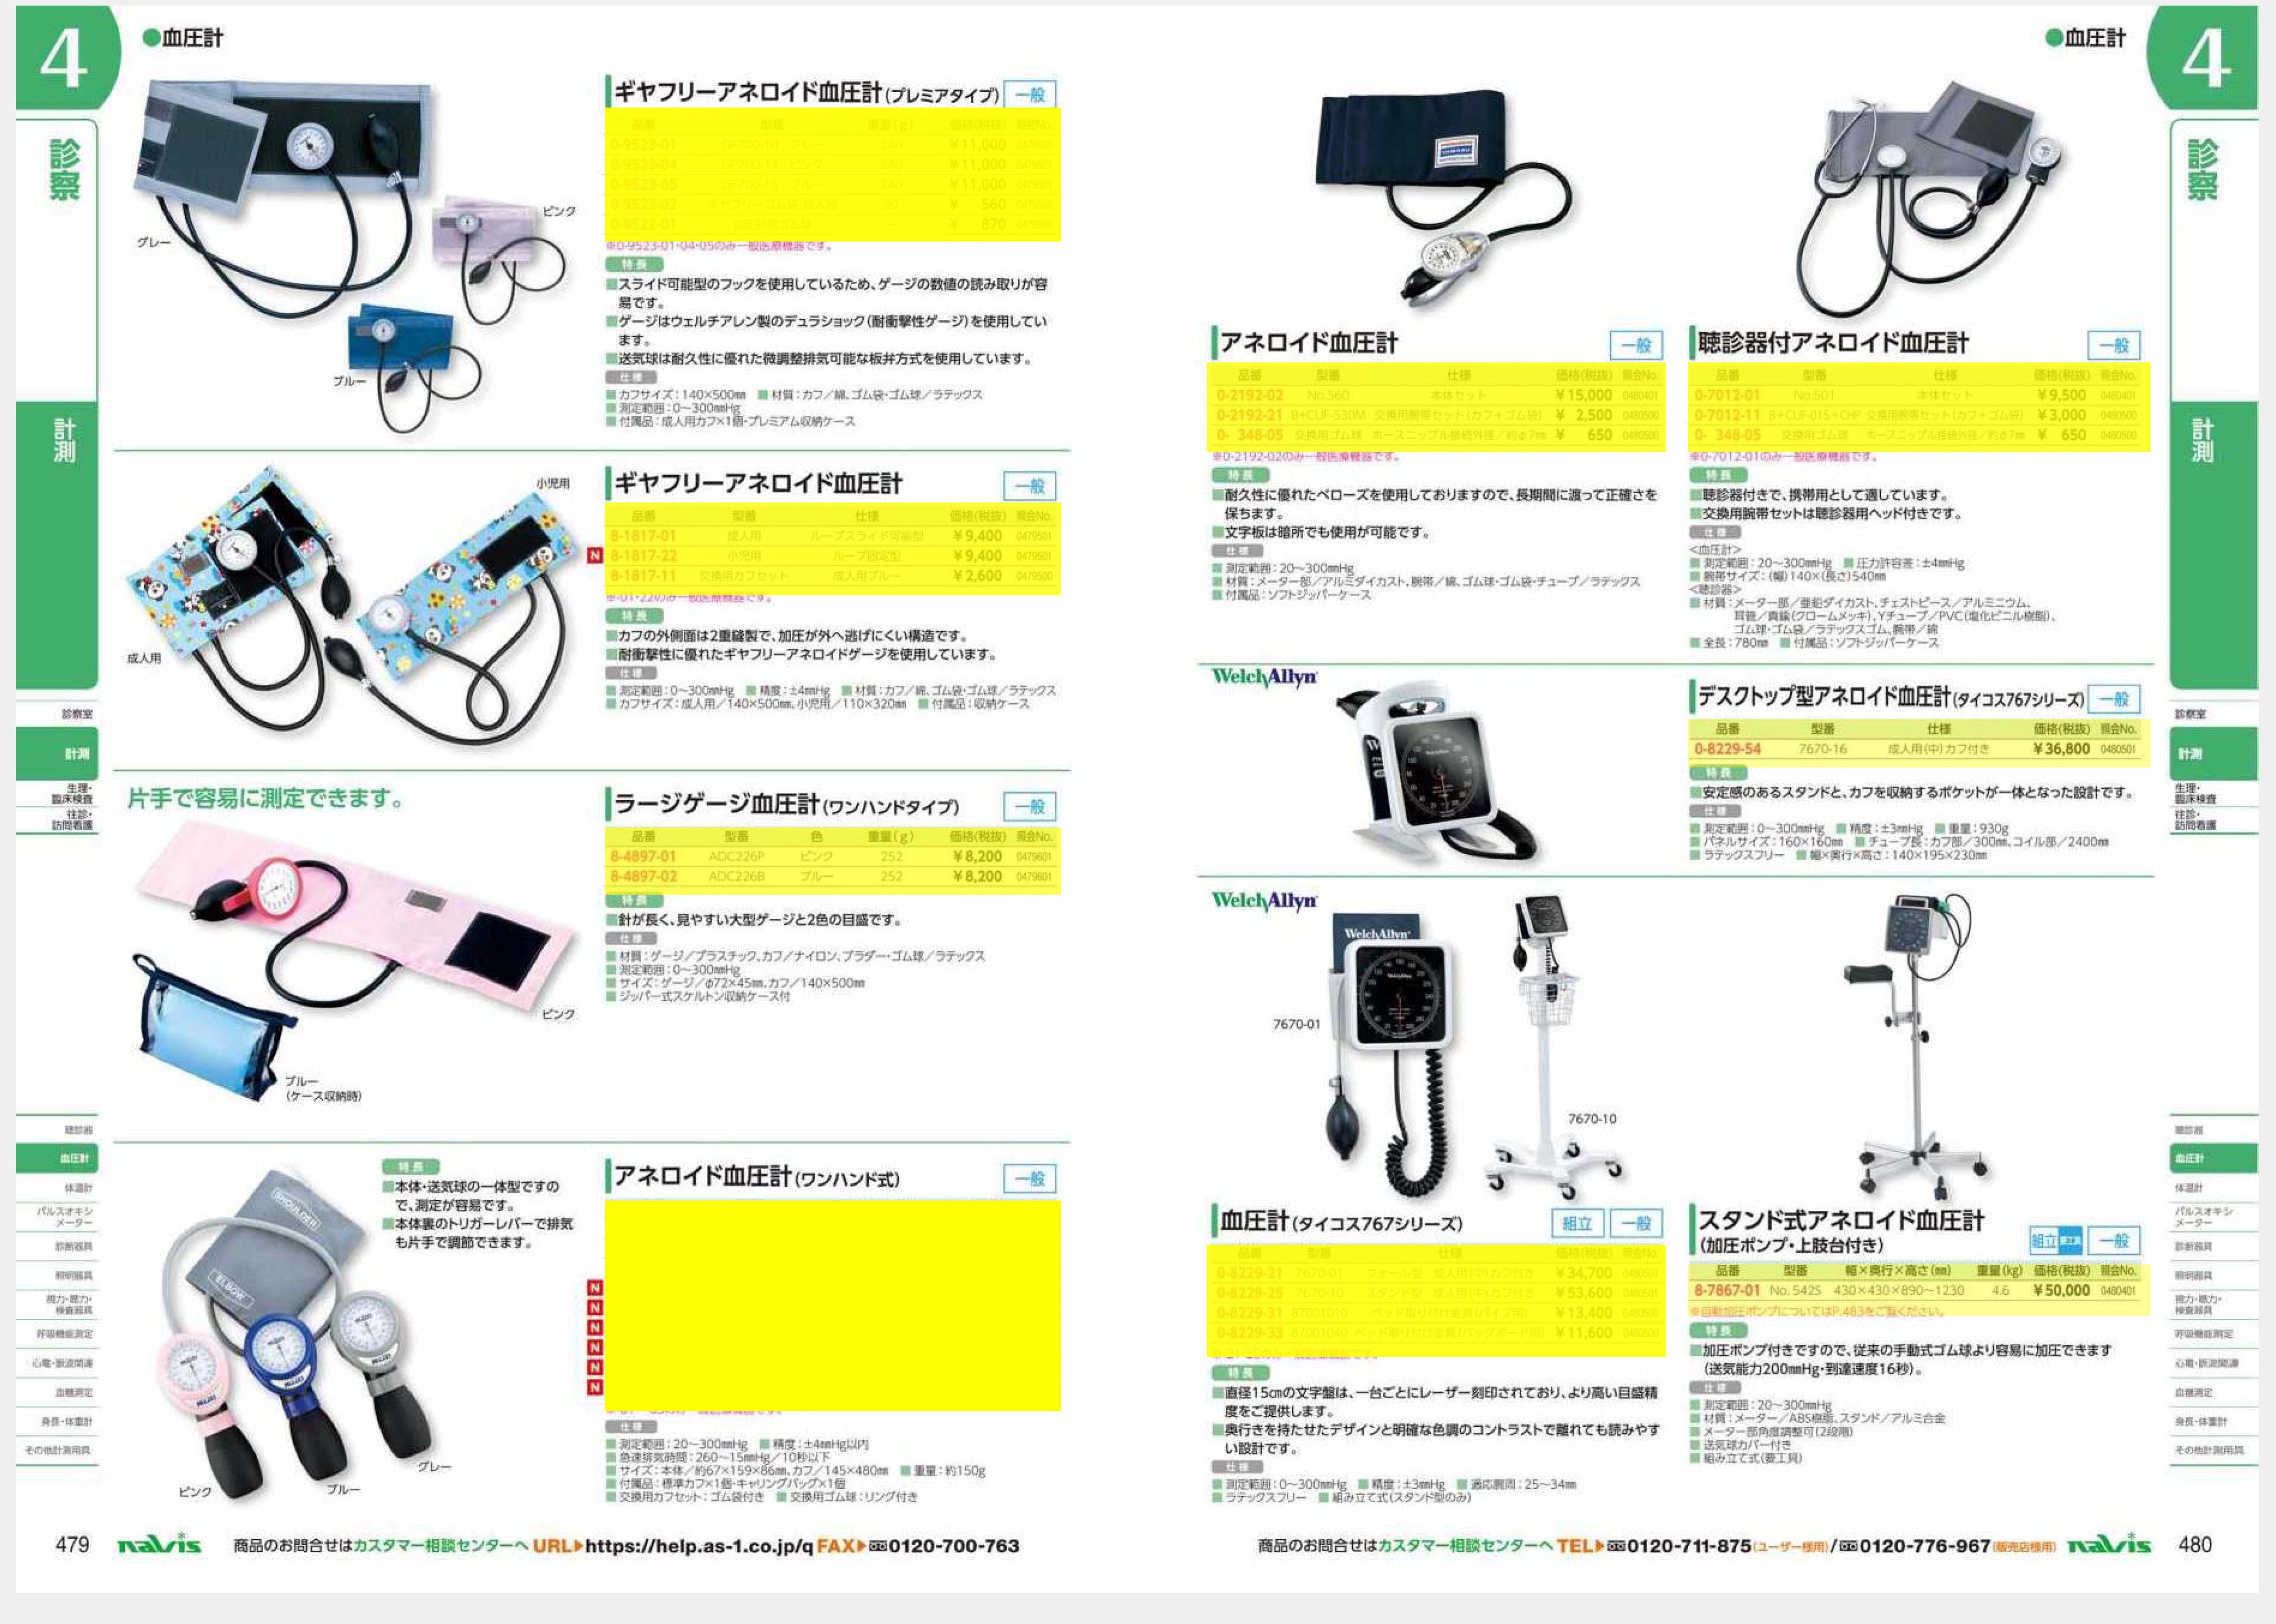 ナビス50000 CITIZEN 8-4897-02 ラージゲージ血圧計[ワンハンドタイプ] ADC226B ブルー[個](as1-8-4897-02)